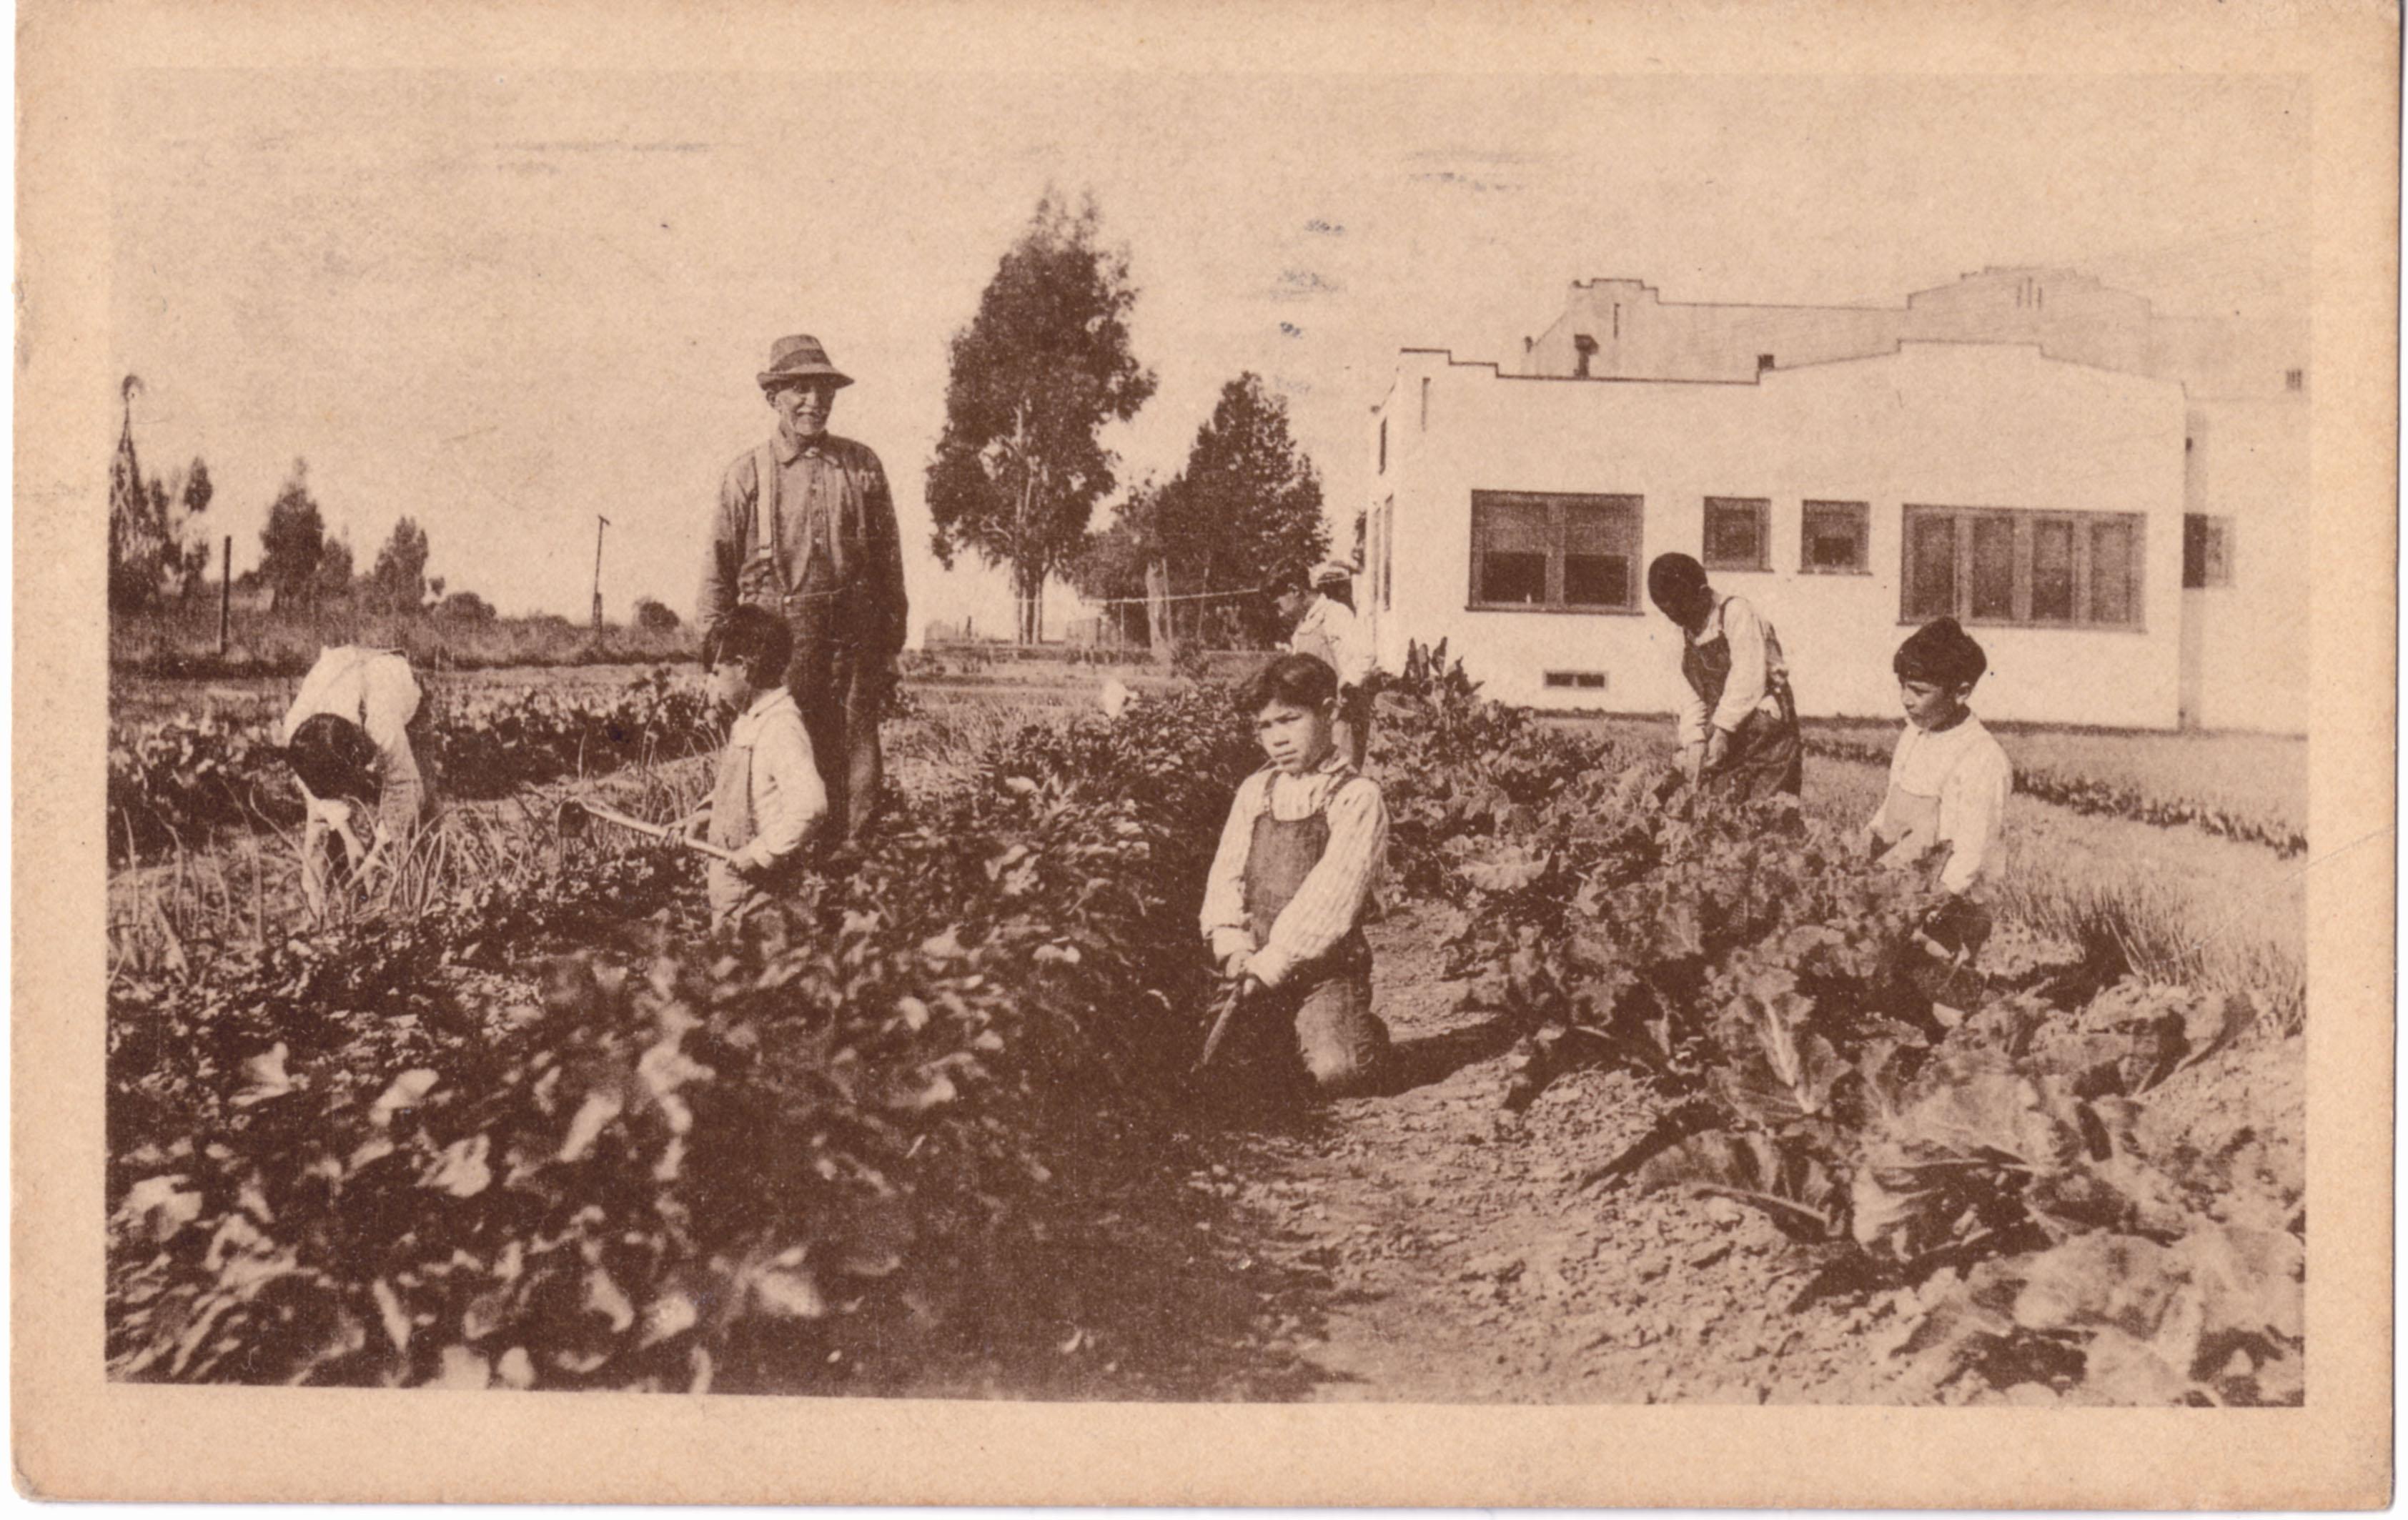 Children working in fields at Spanish-American Institute in Gardena